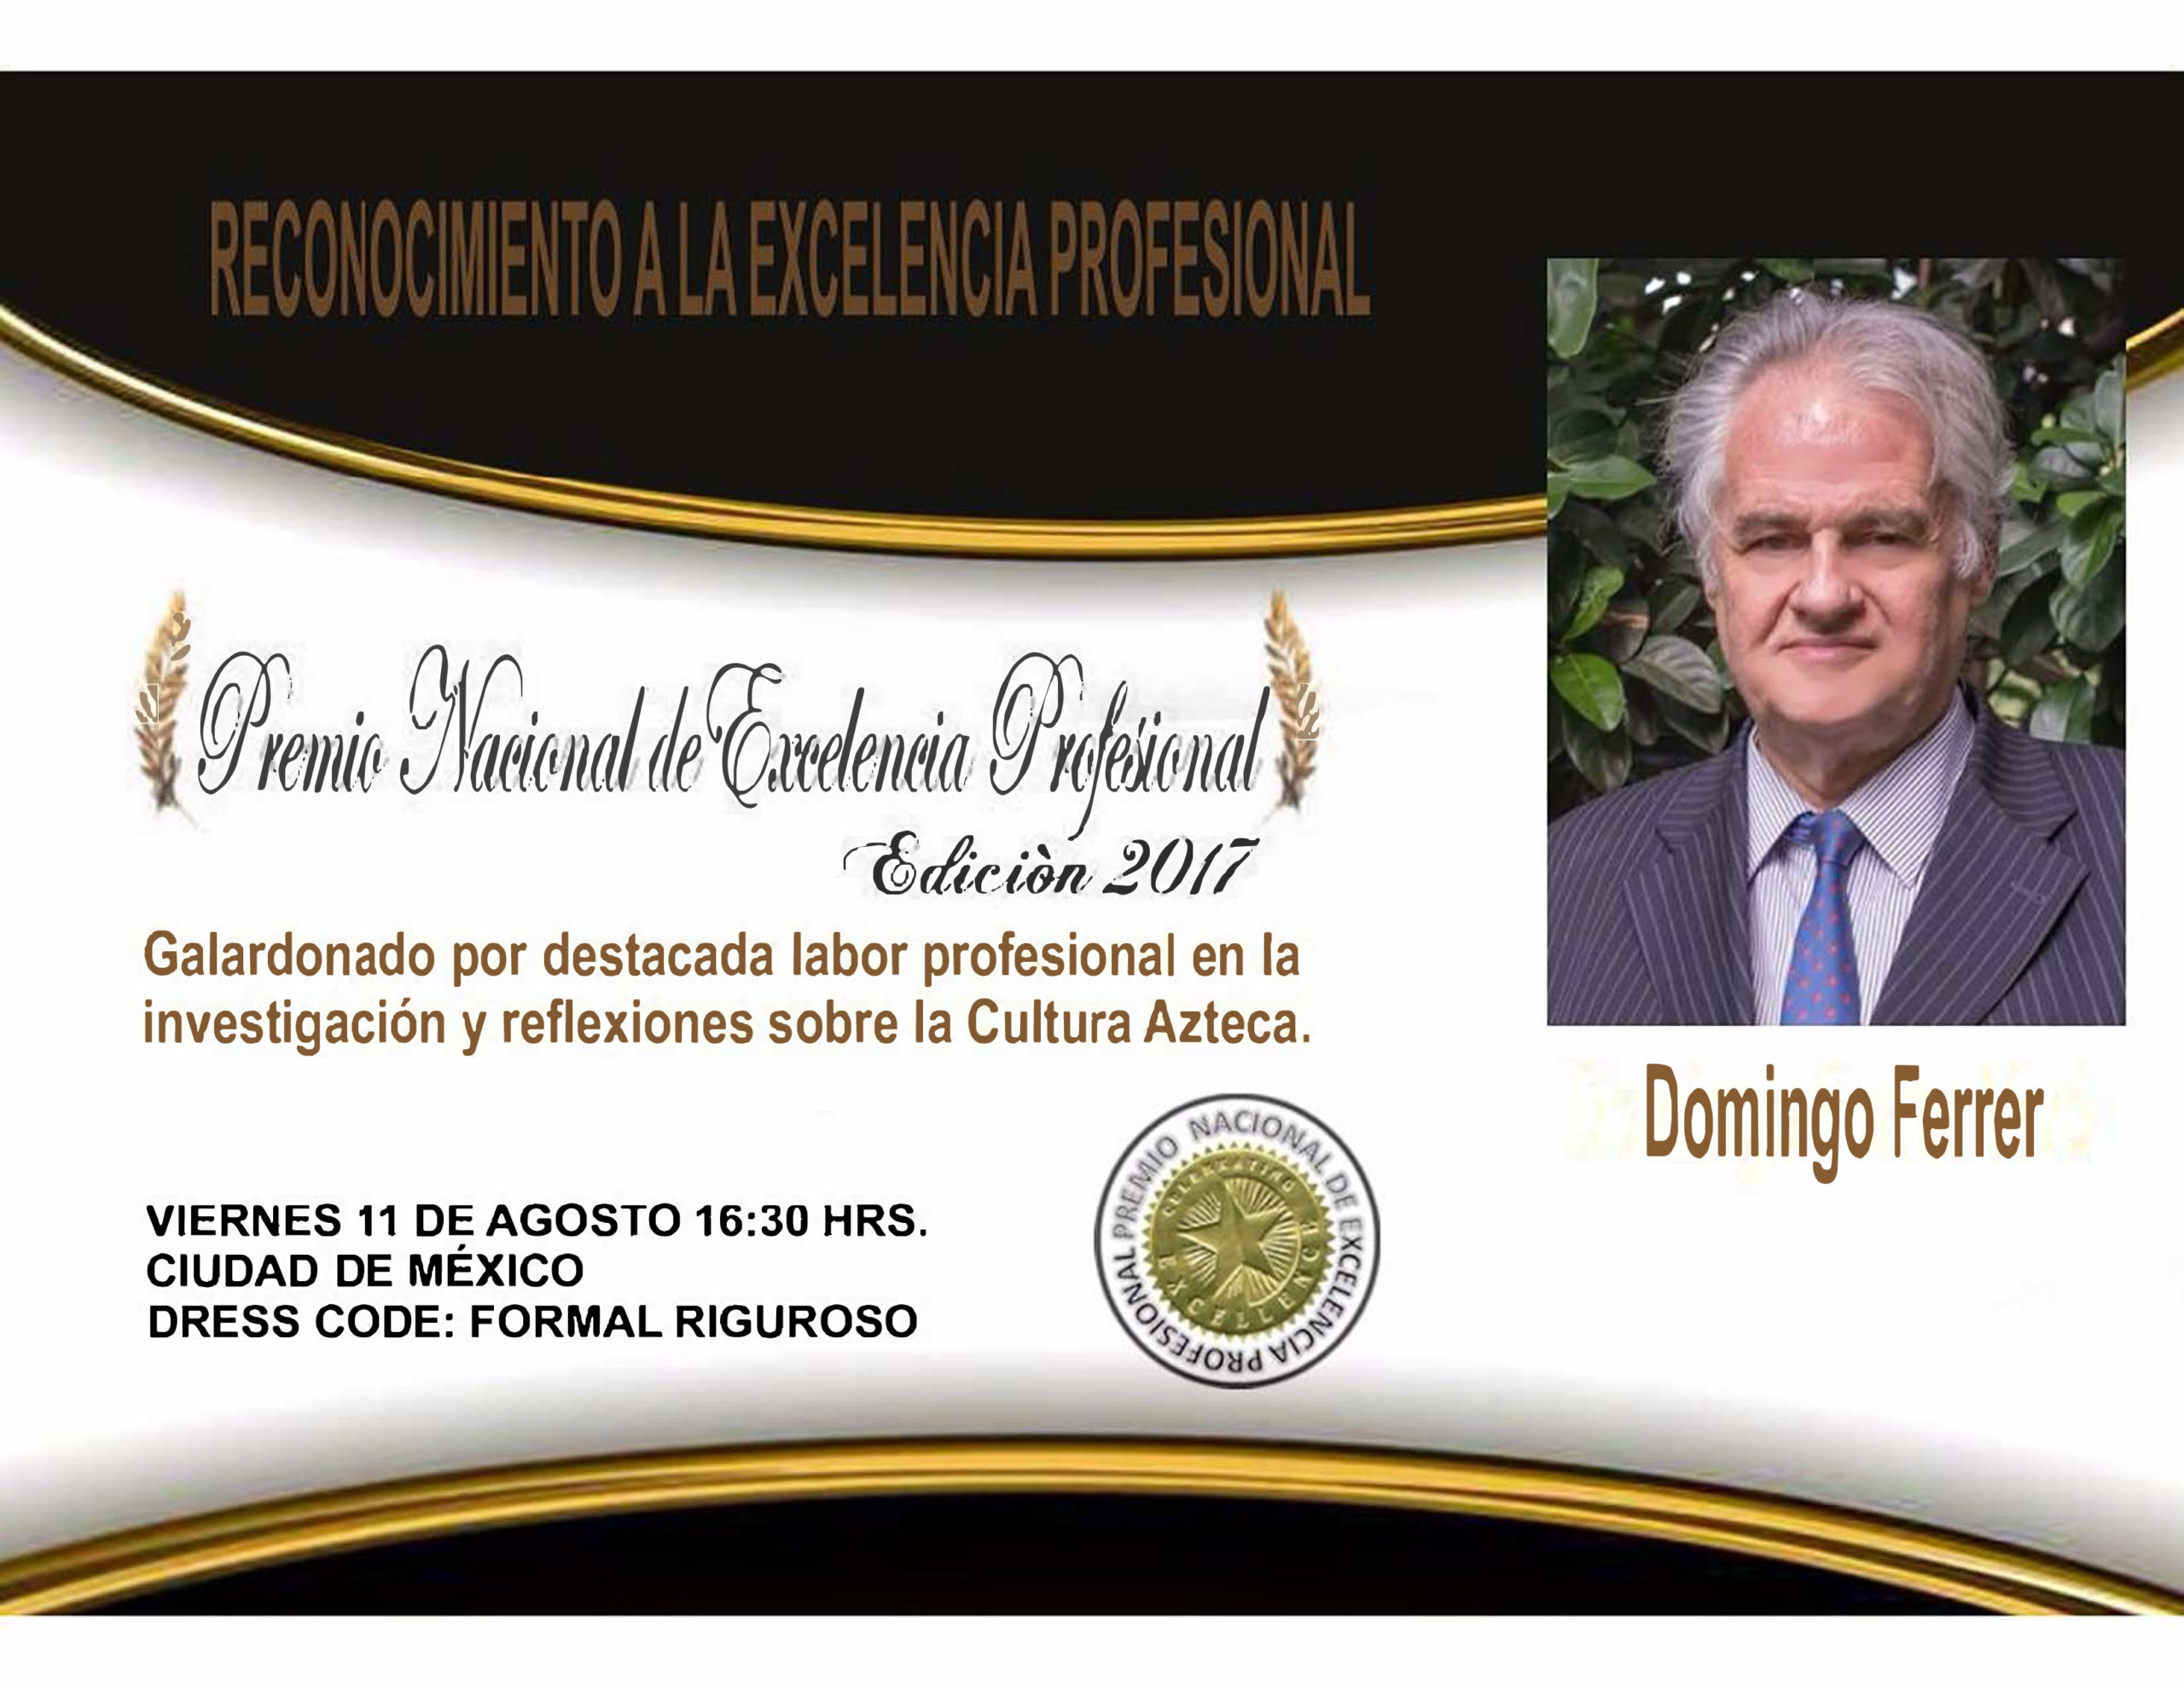 2017-Domingo-Ferrer-scaled-2.jpg